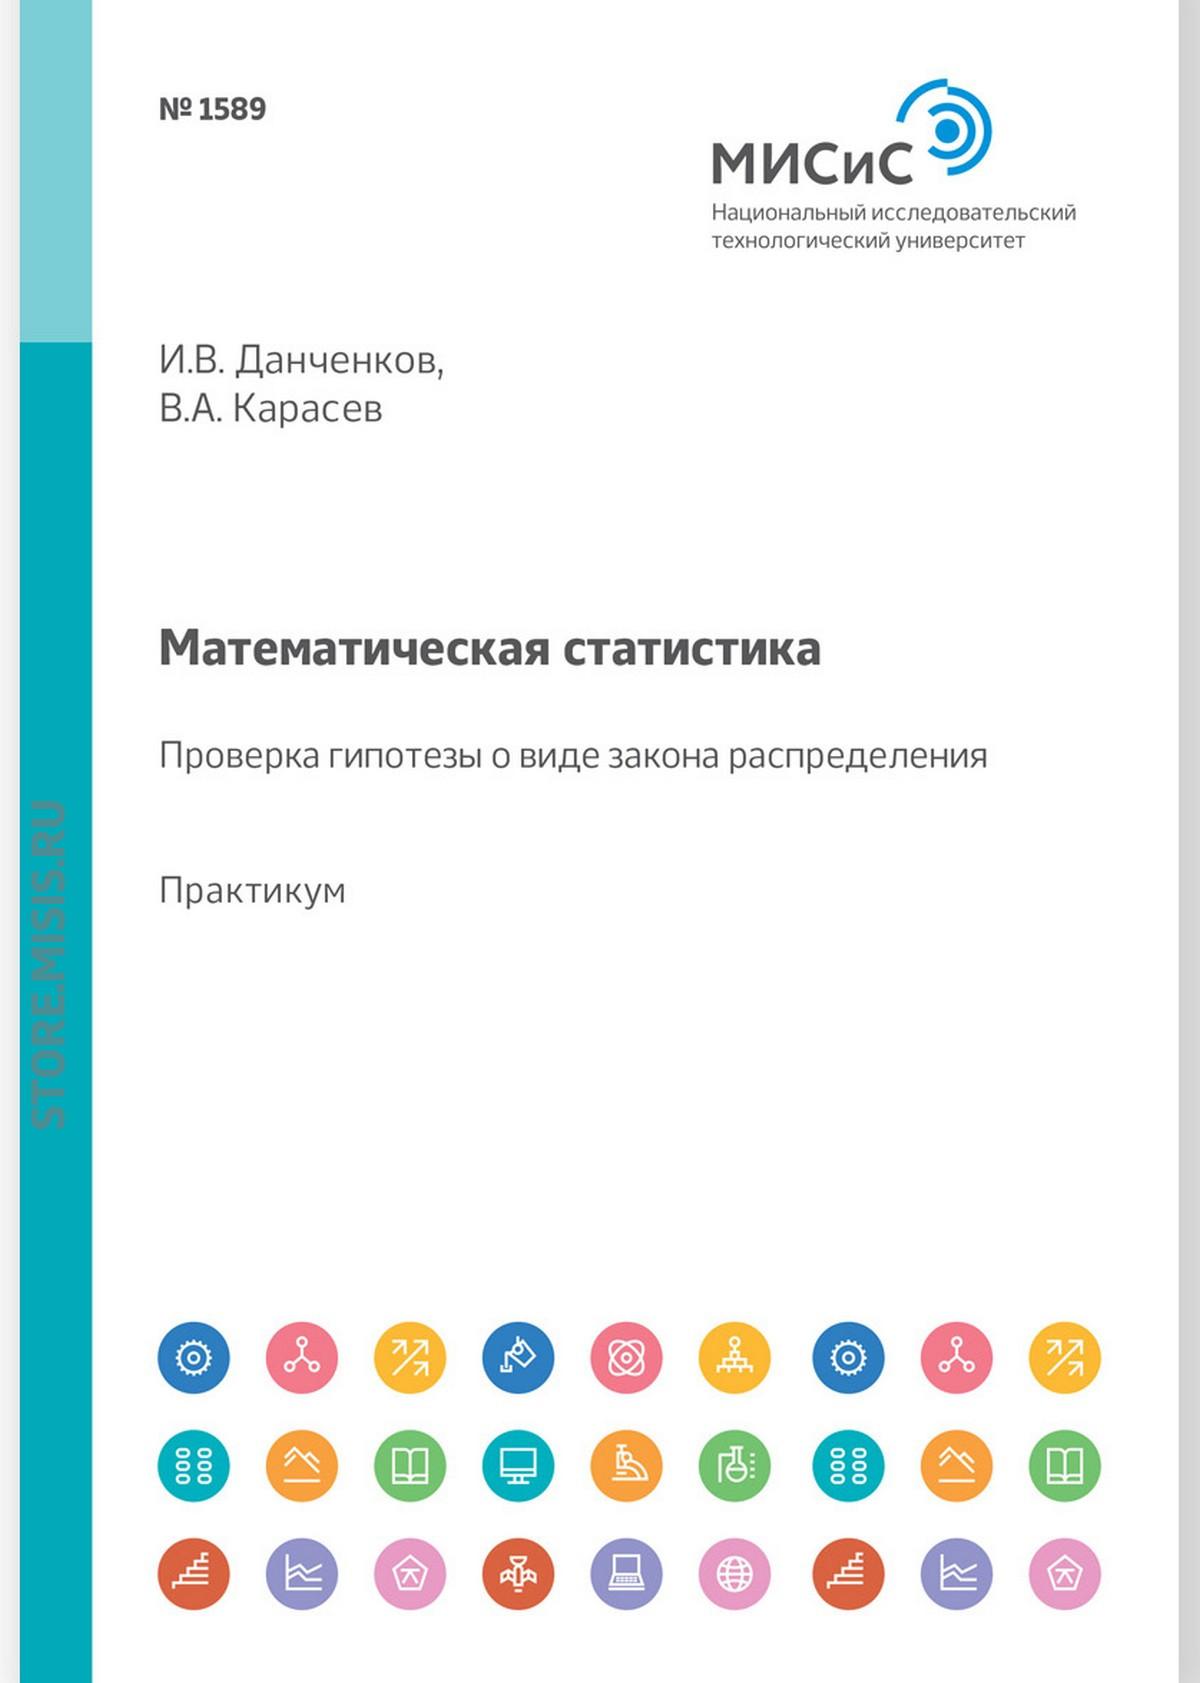 В. А. Карасев Математическая статистика. Проверка гипотезы о виде закона распределения. Практикум